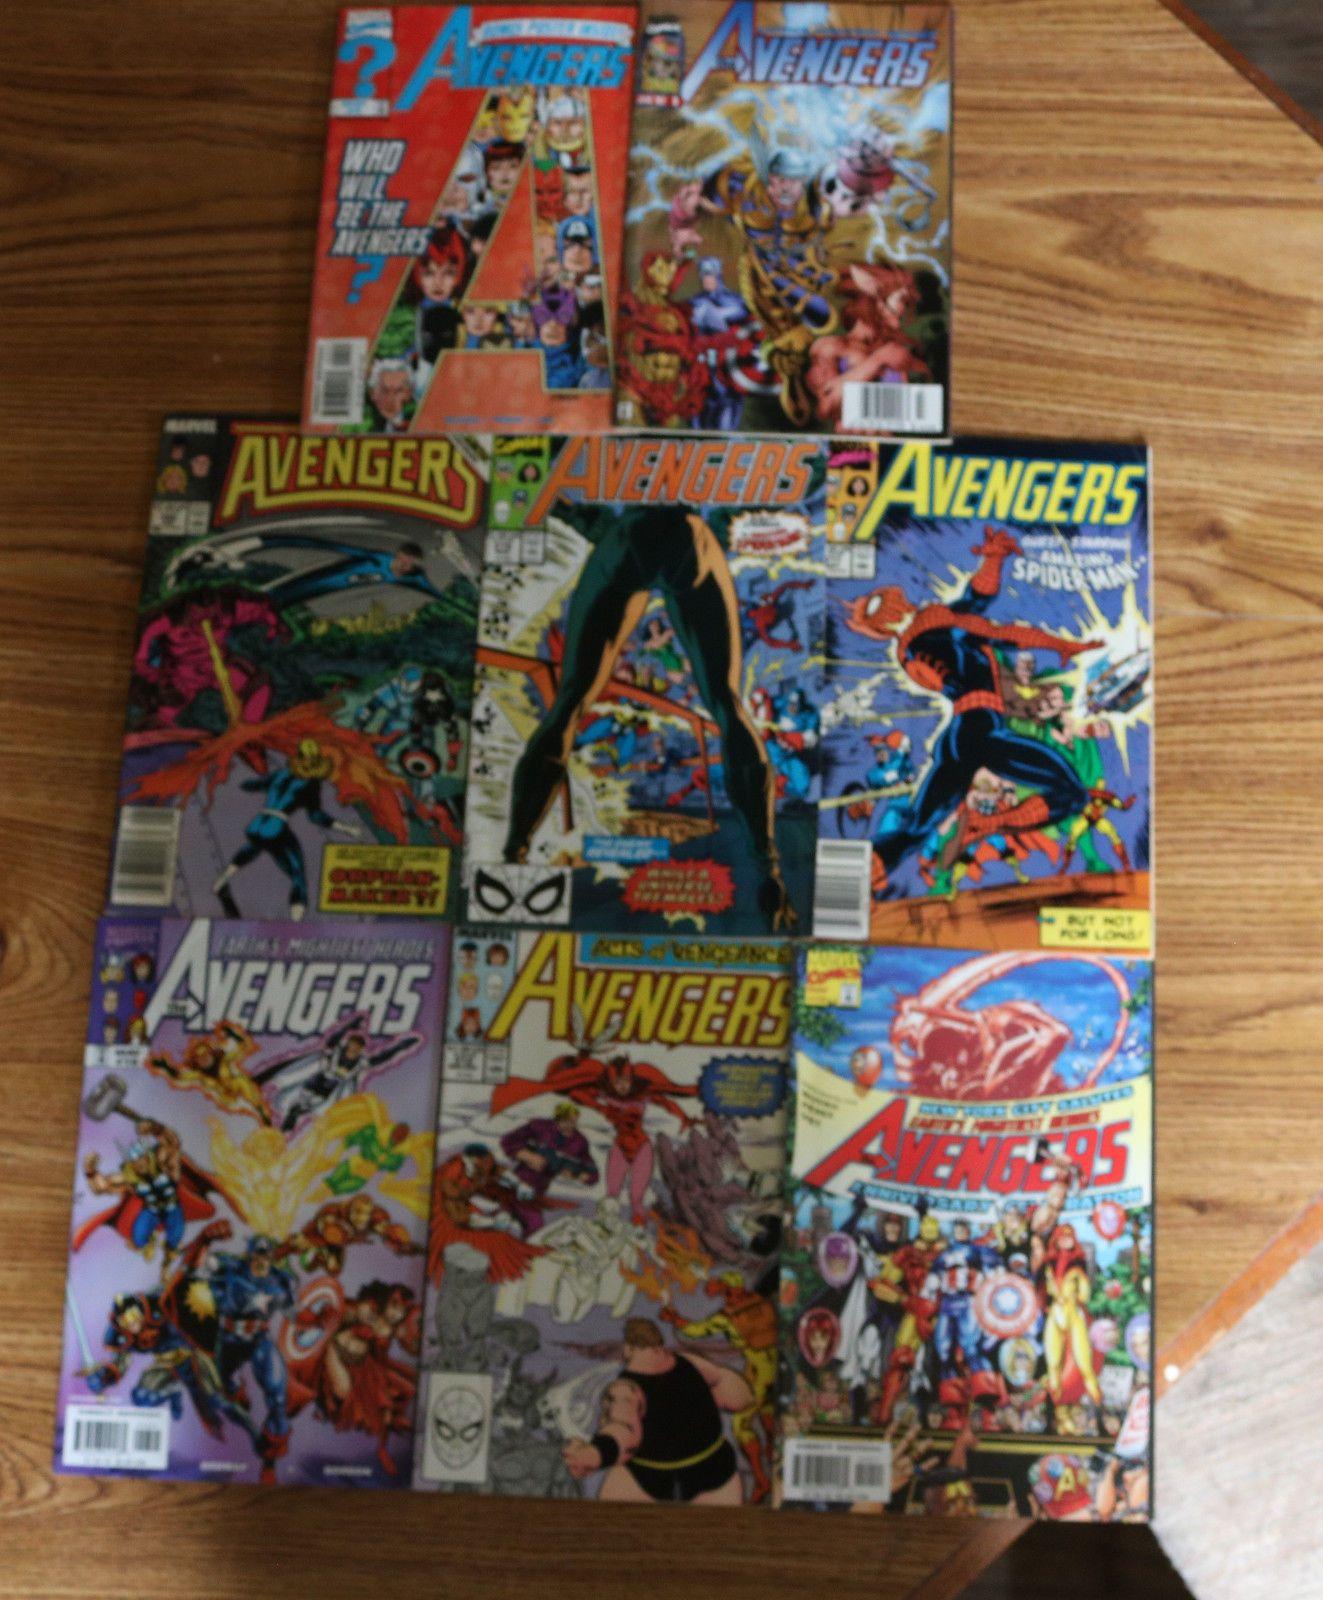 Marvels Avengers Comics Lot Of 8 $2000 (0 Bids) End